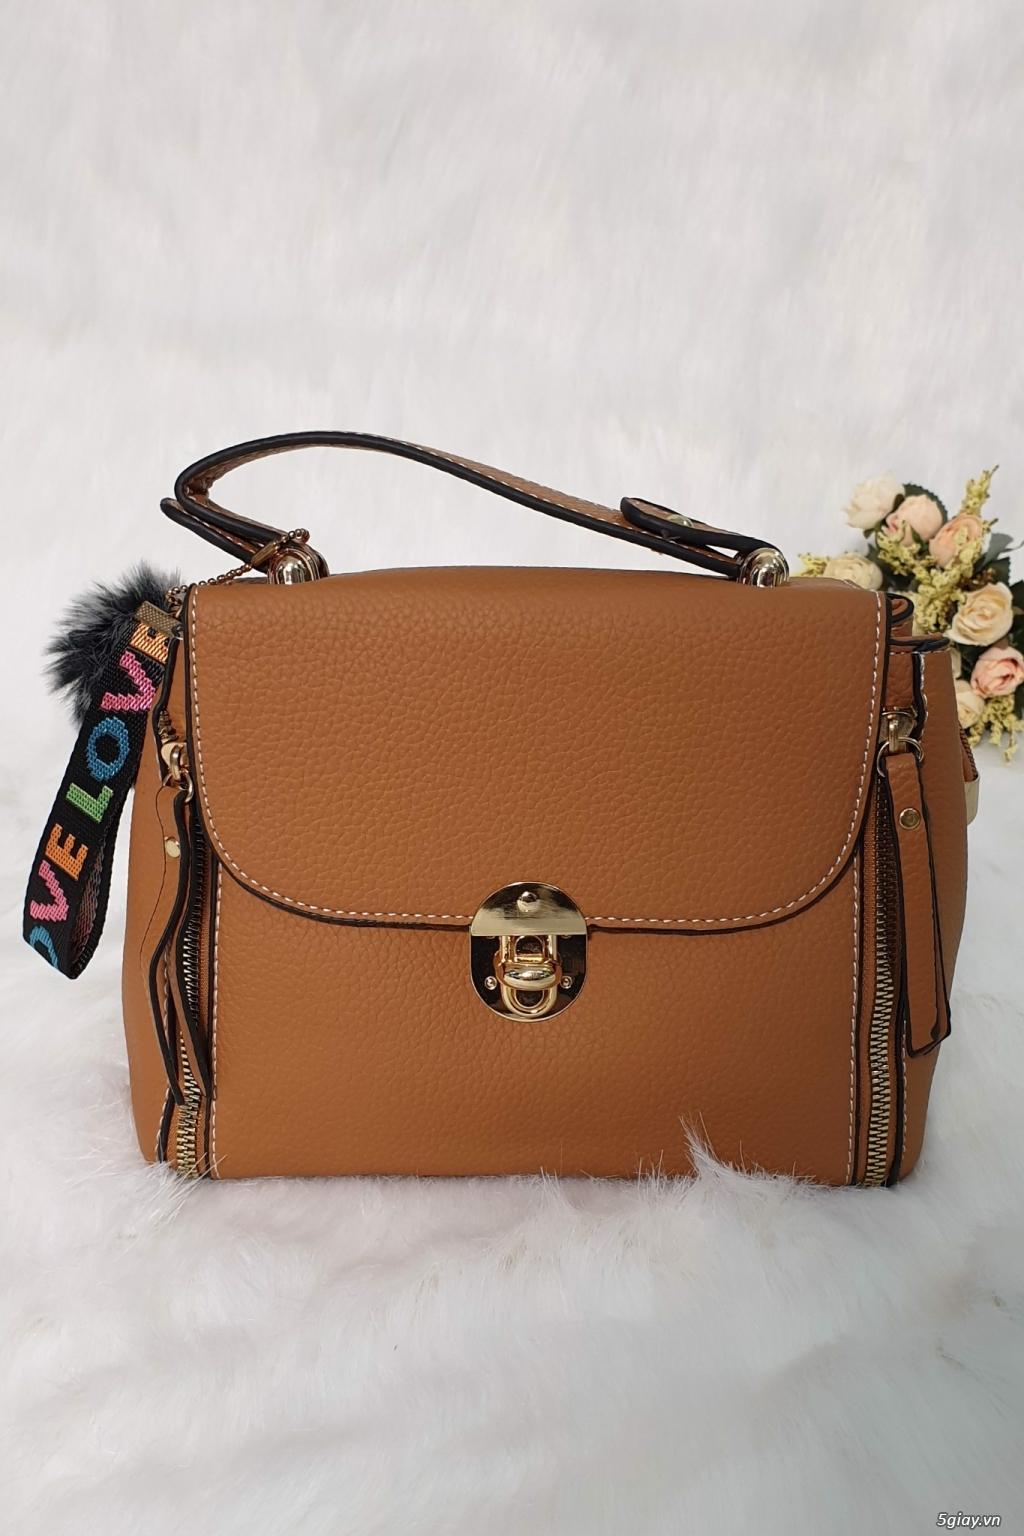 Wal House Fashion - Bóp ví túi xách thời trang - Giá ưu đãi - 15